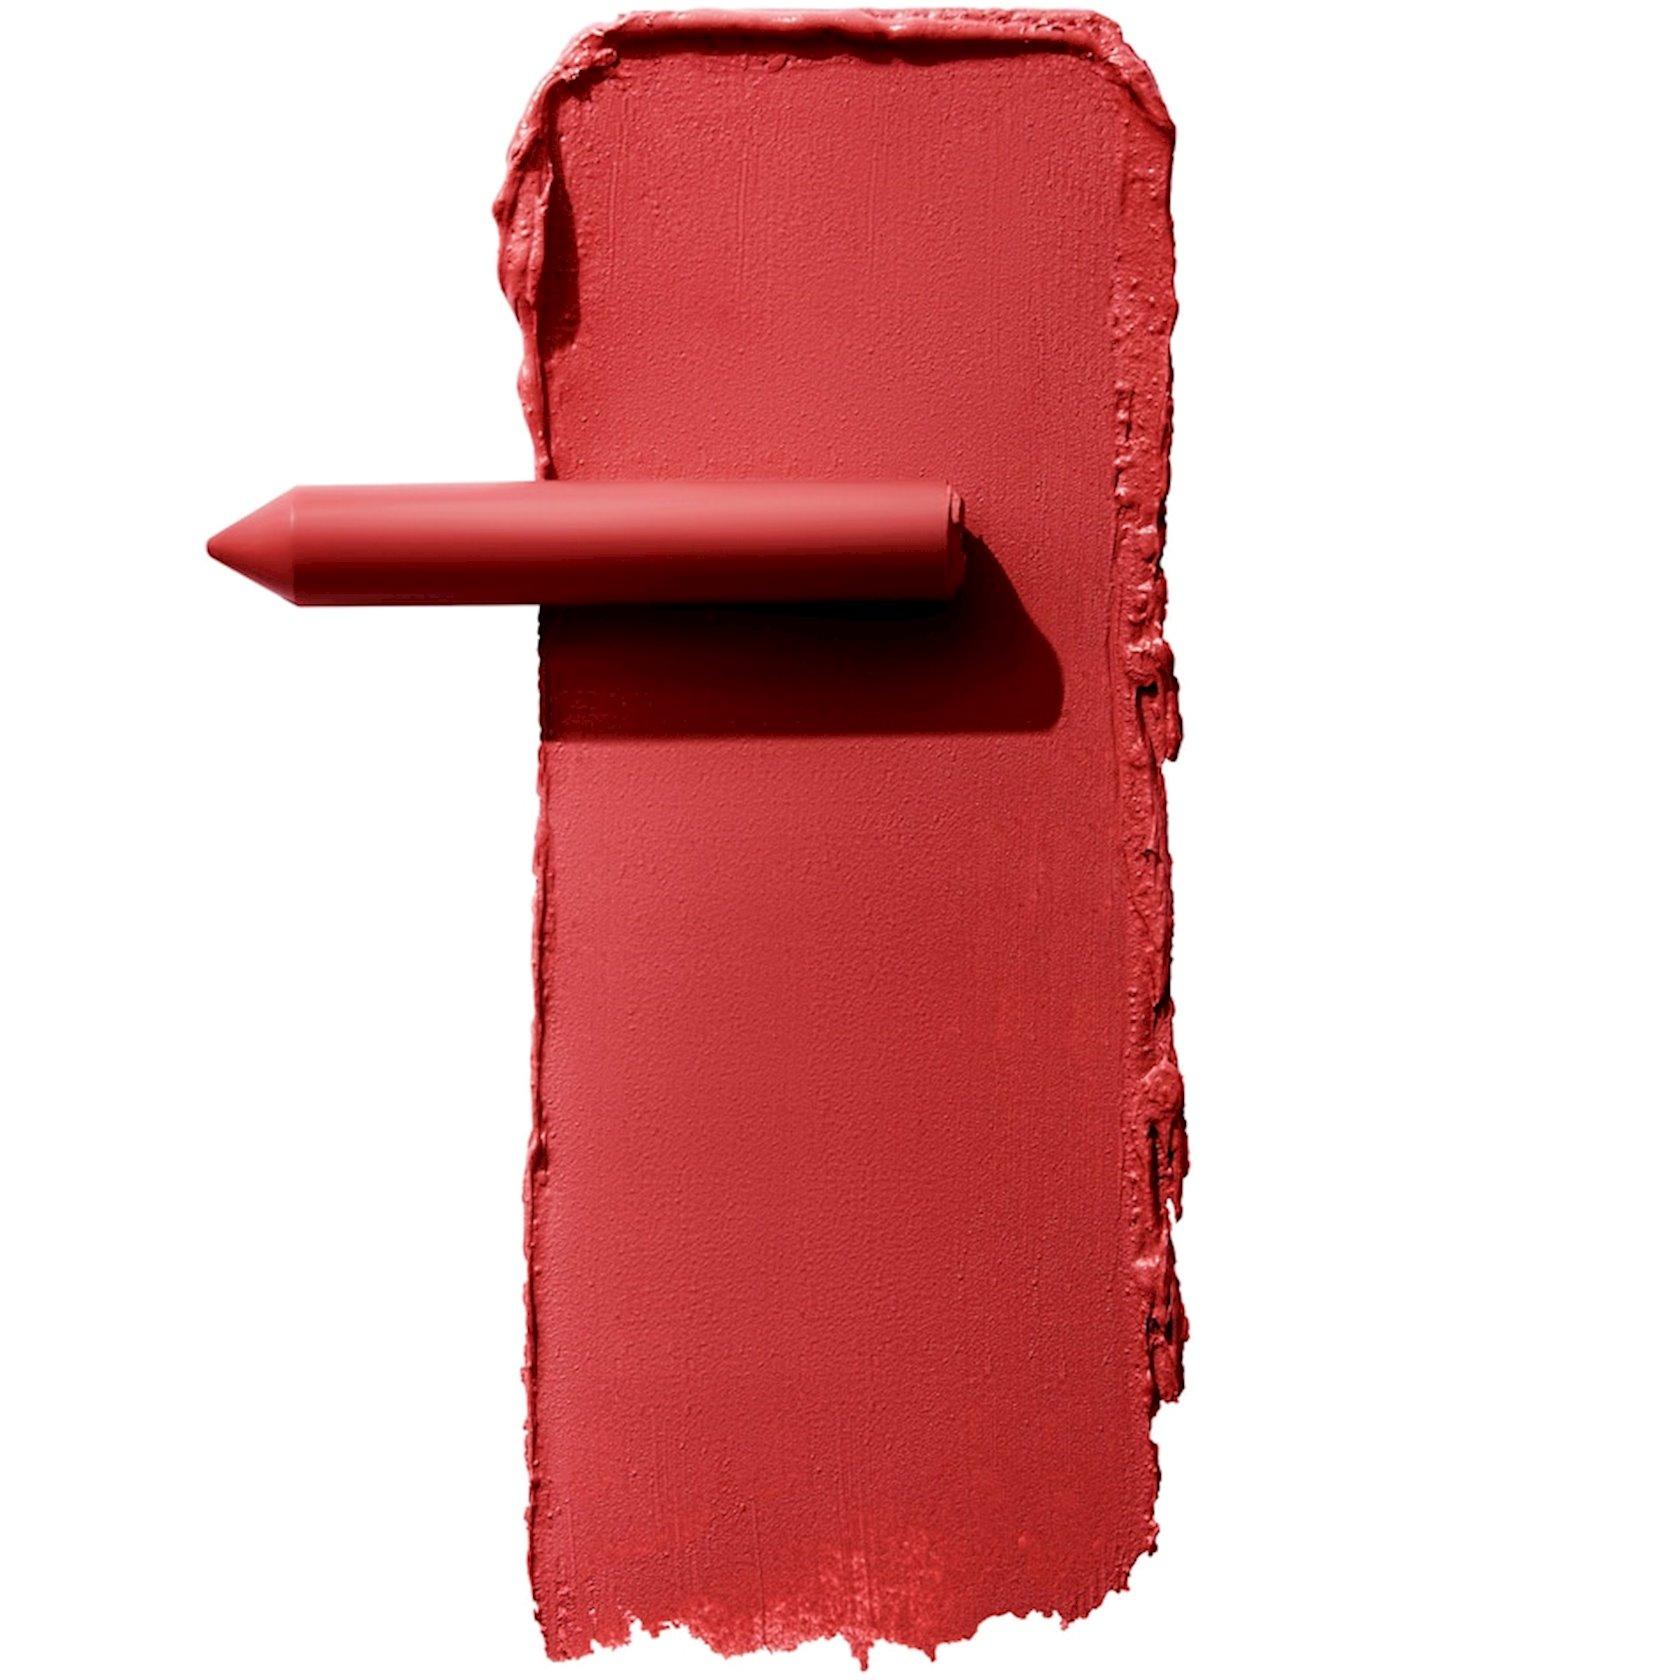 Pomada-qələm Maybelline New York Super Stay Ink Crayon çalar 45 Hustle In Heels